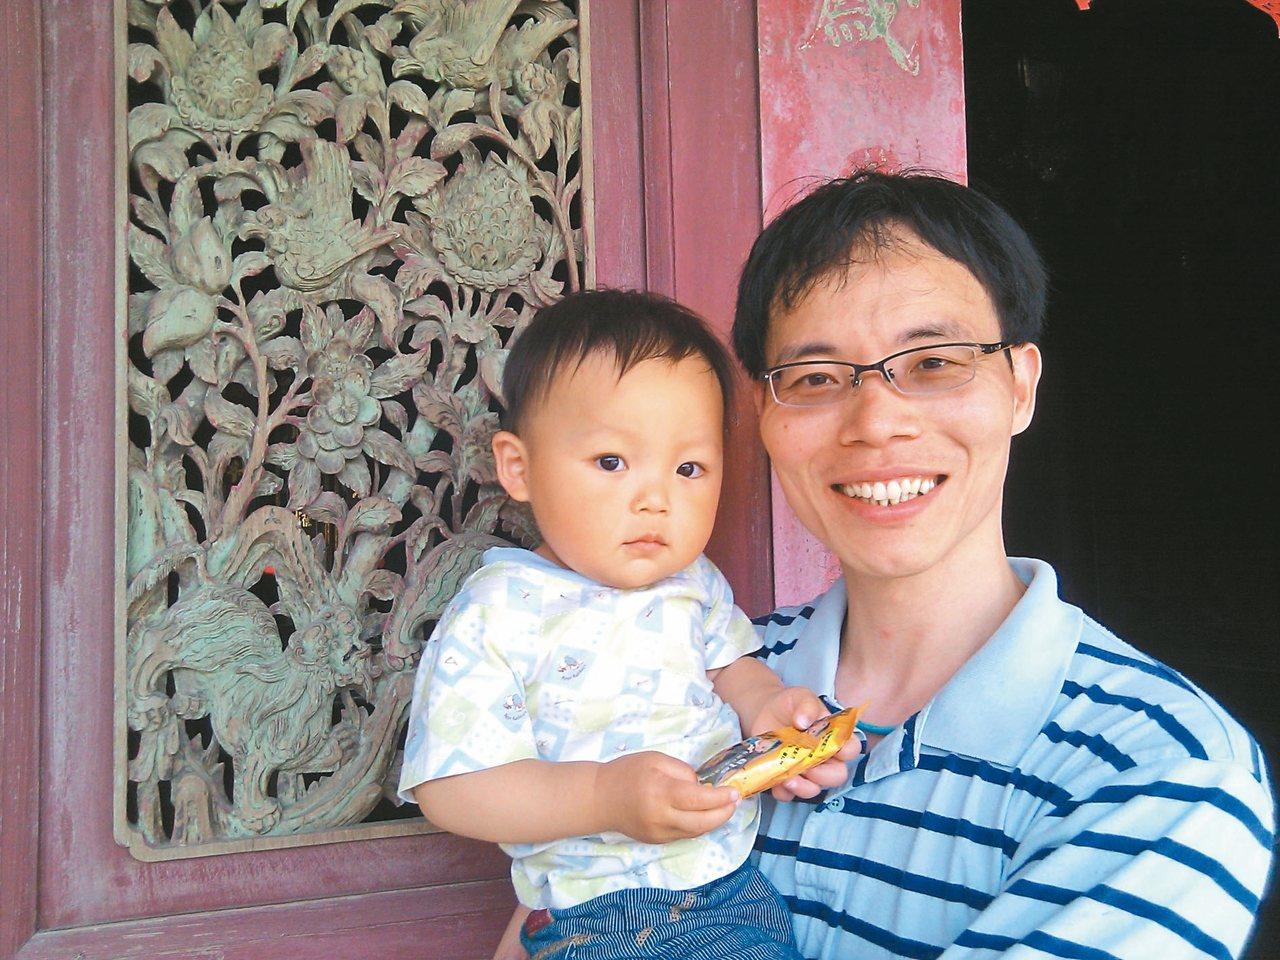 張輝誠抱著兒子張小嚕,在阿嬤娘家山內村雕梁畫棟的三合院裡留影。 圖/張輝誠